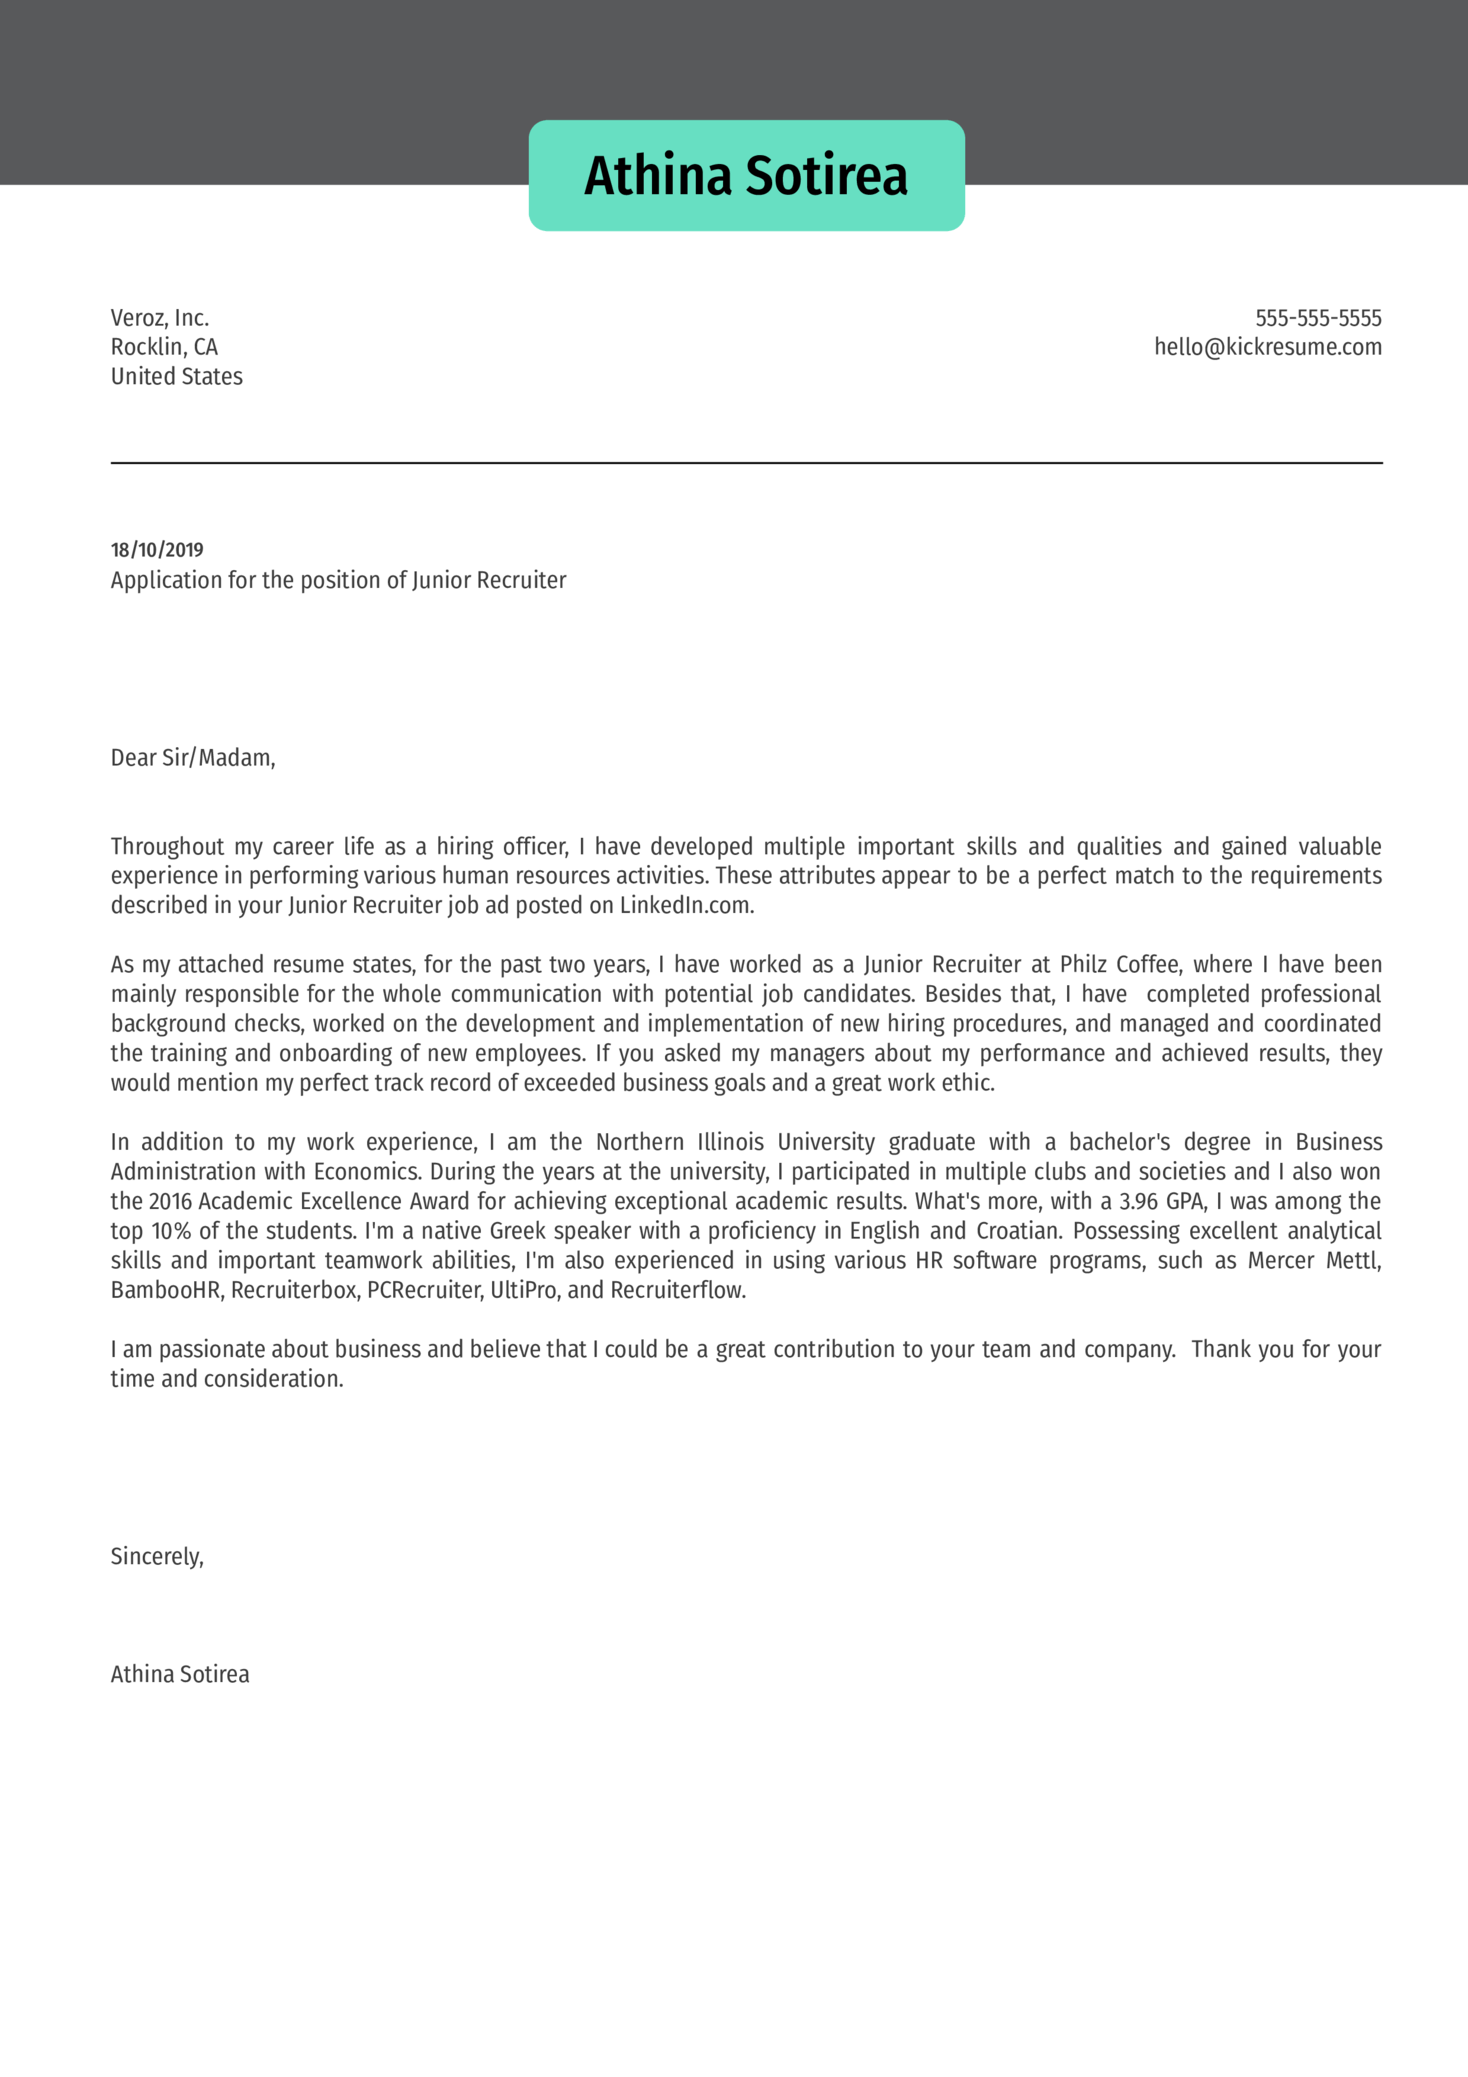 Junior Recruiter Cover Letter Sample